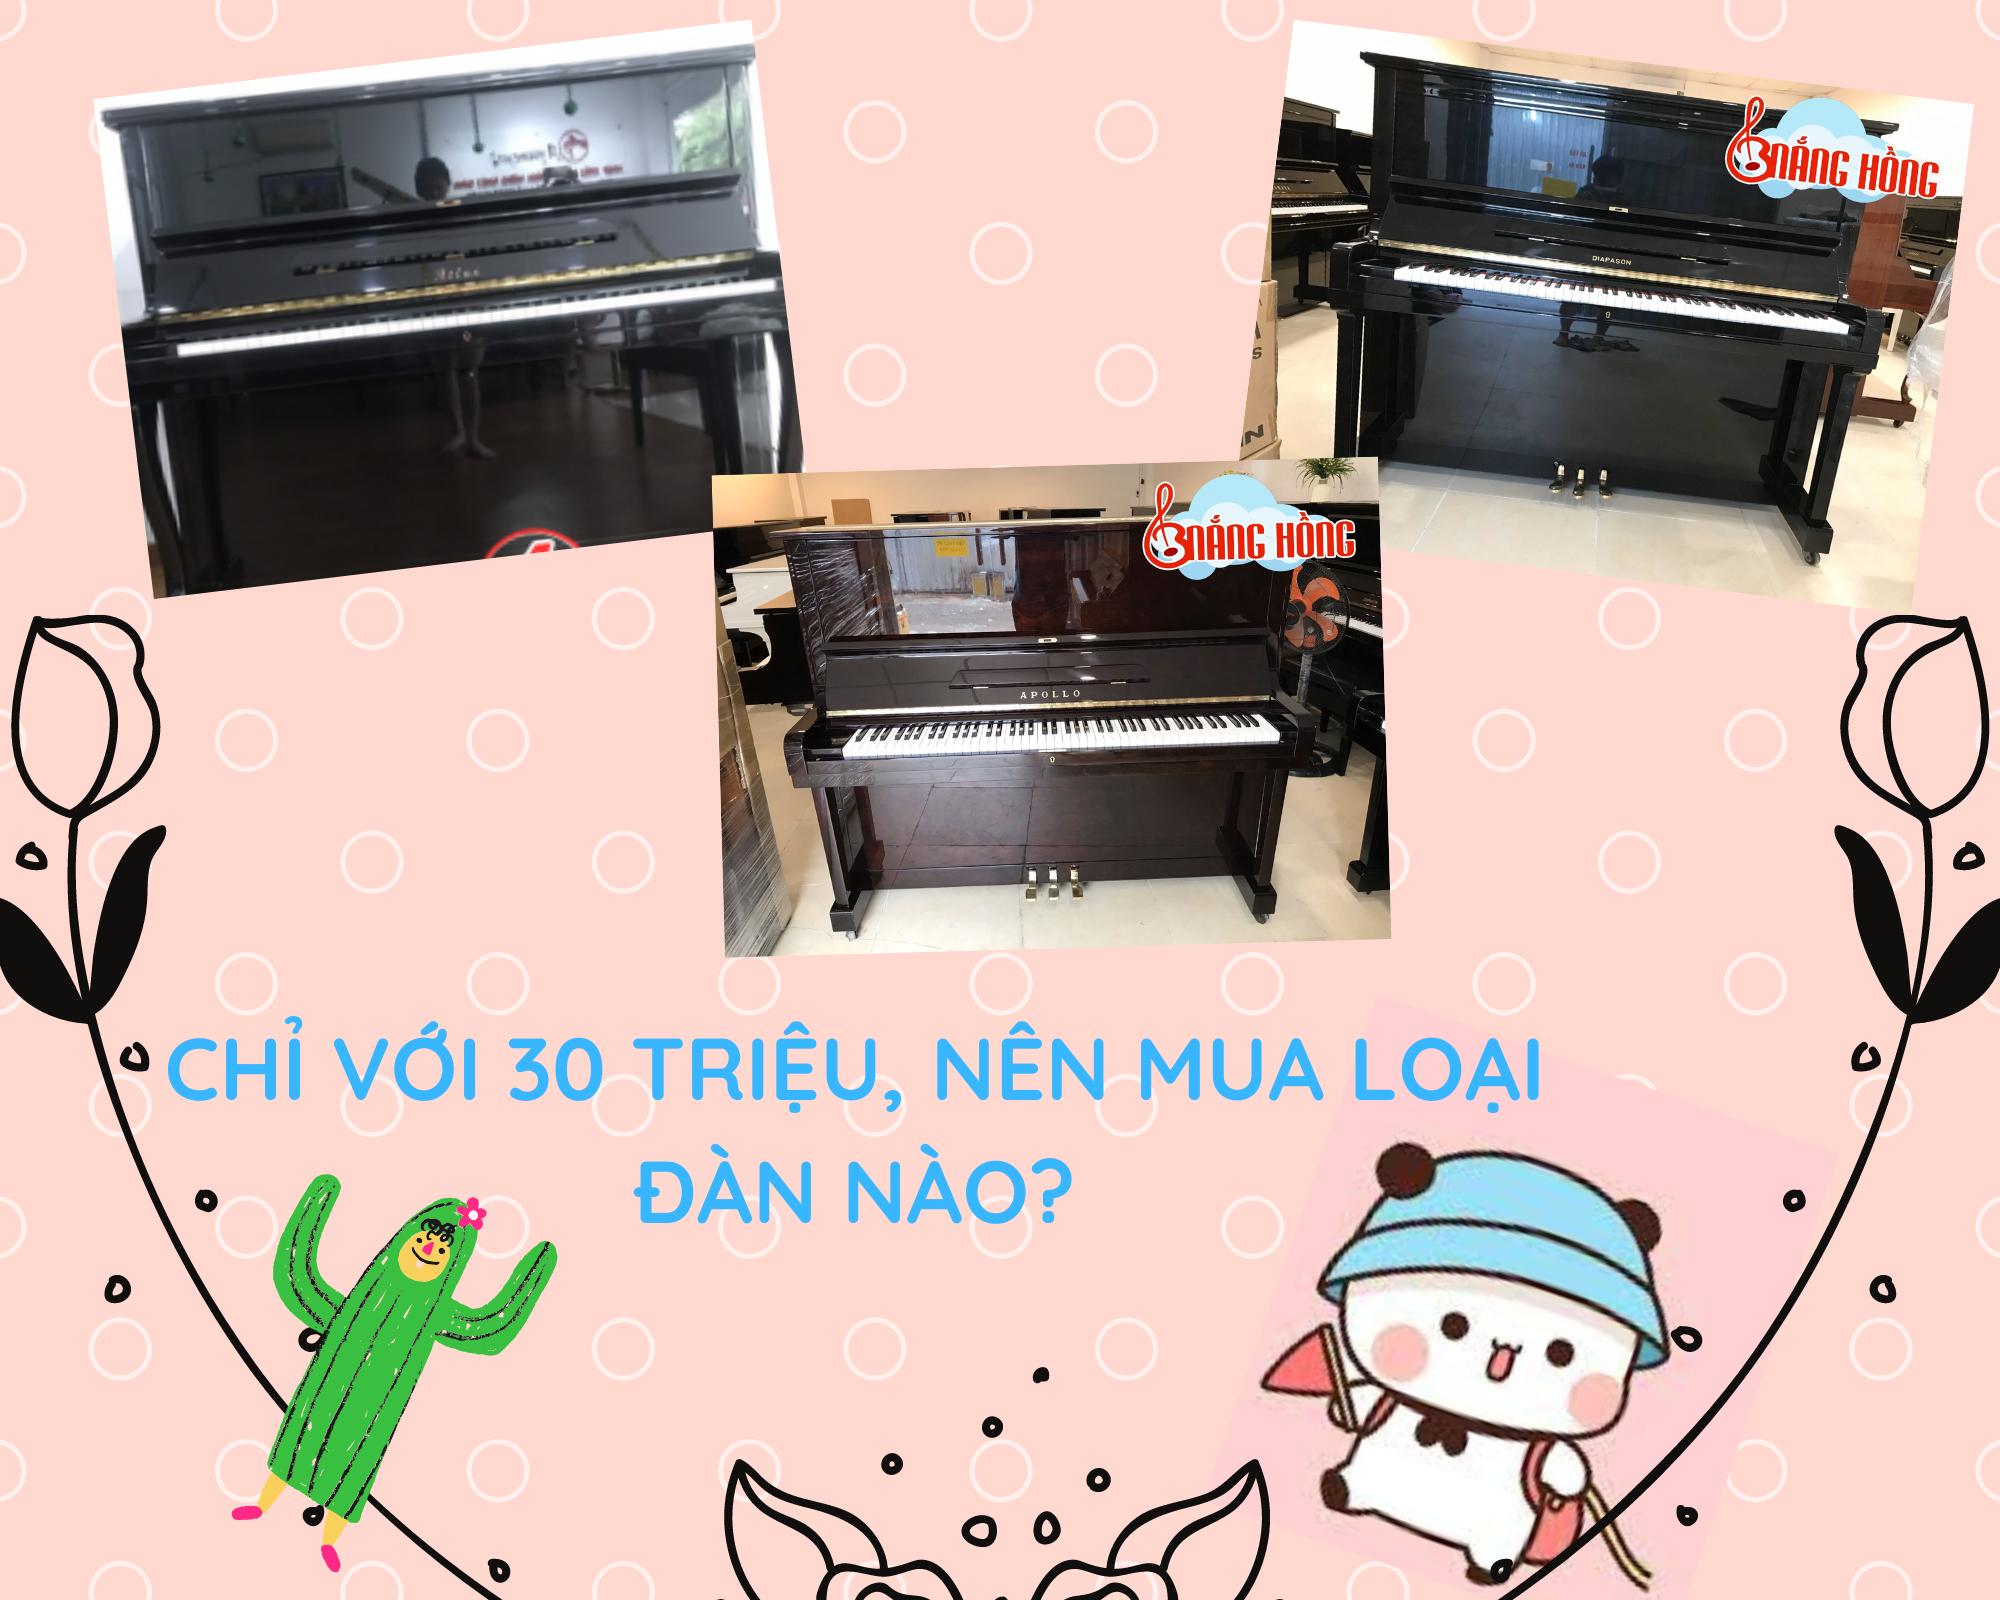 TOP 3 LOẠI ĐÀN PIANO DƯỚI 30 TRIỆU